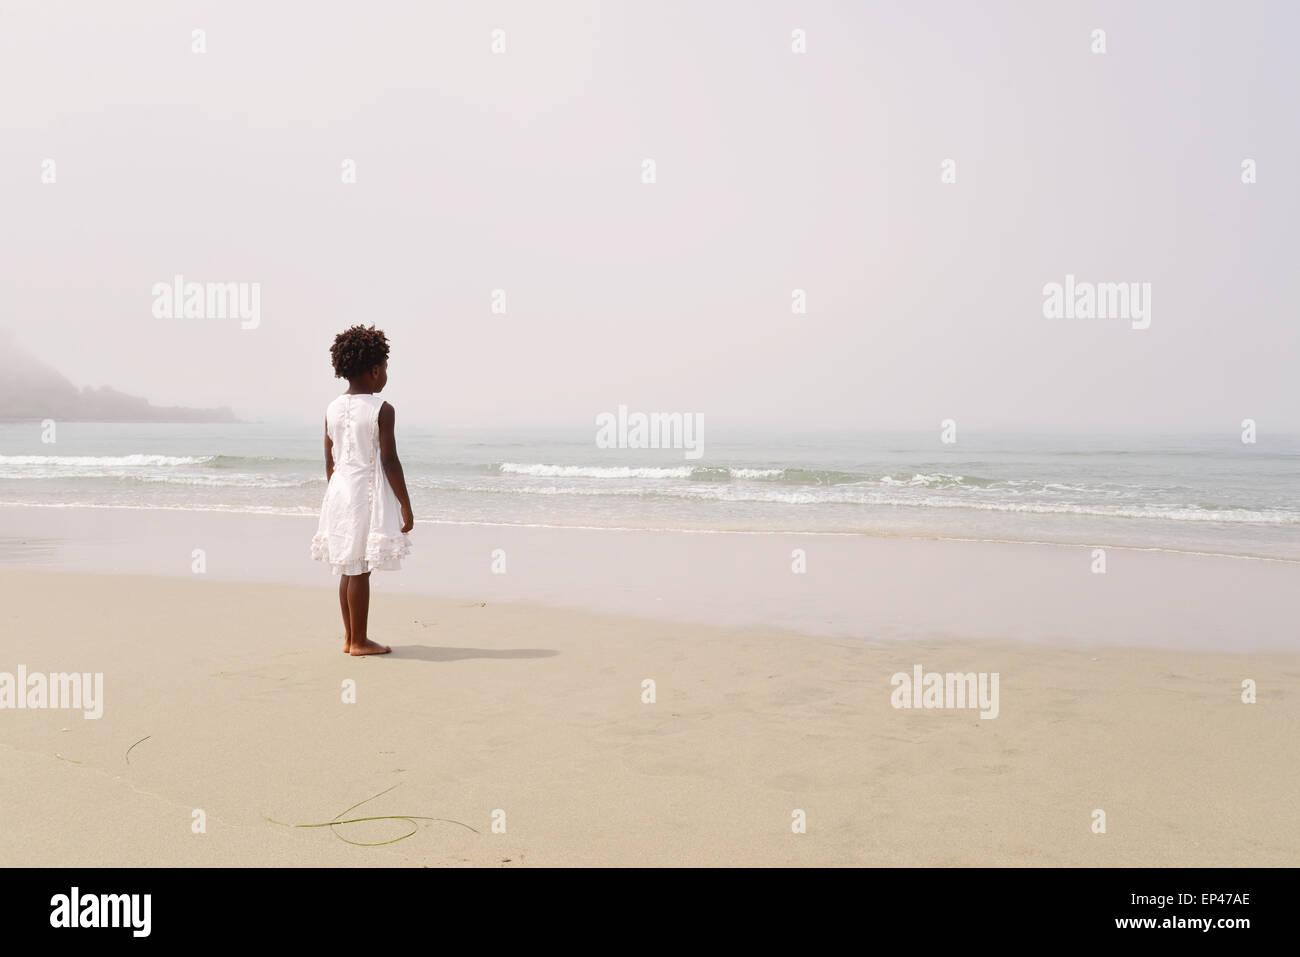 Vista trasera del African American Girl en la playa mirando al mar Imagen De Stock